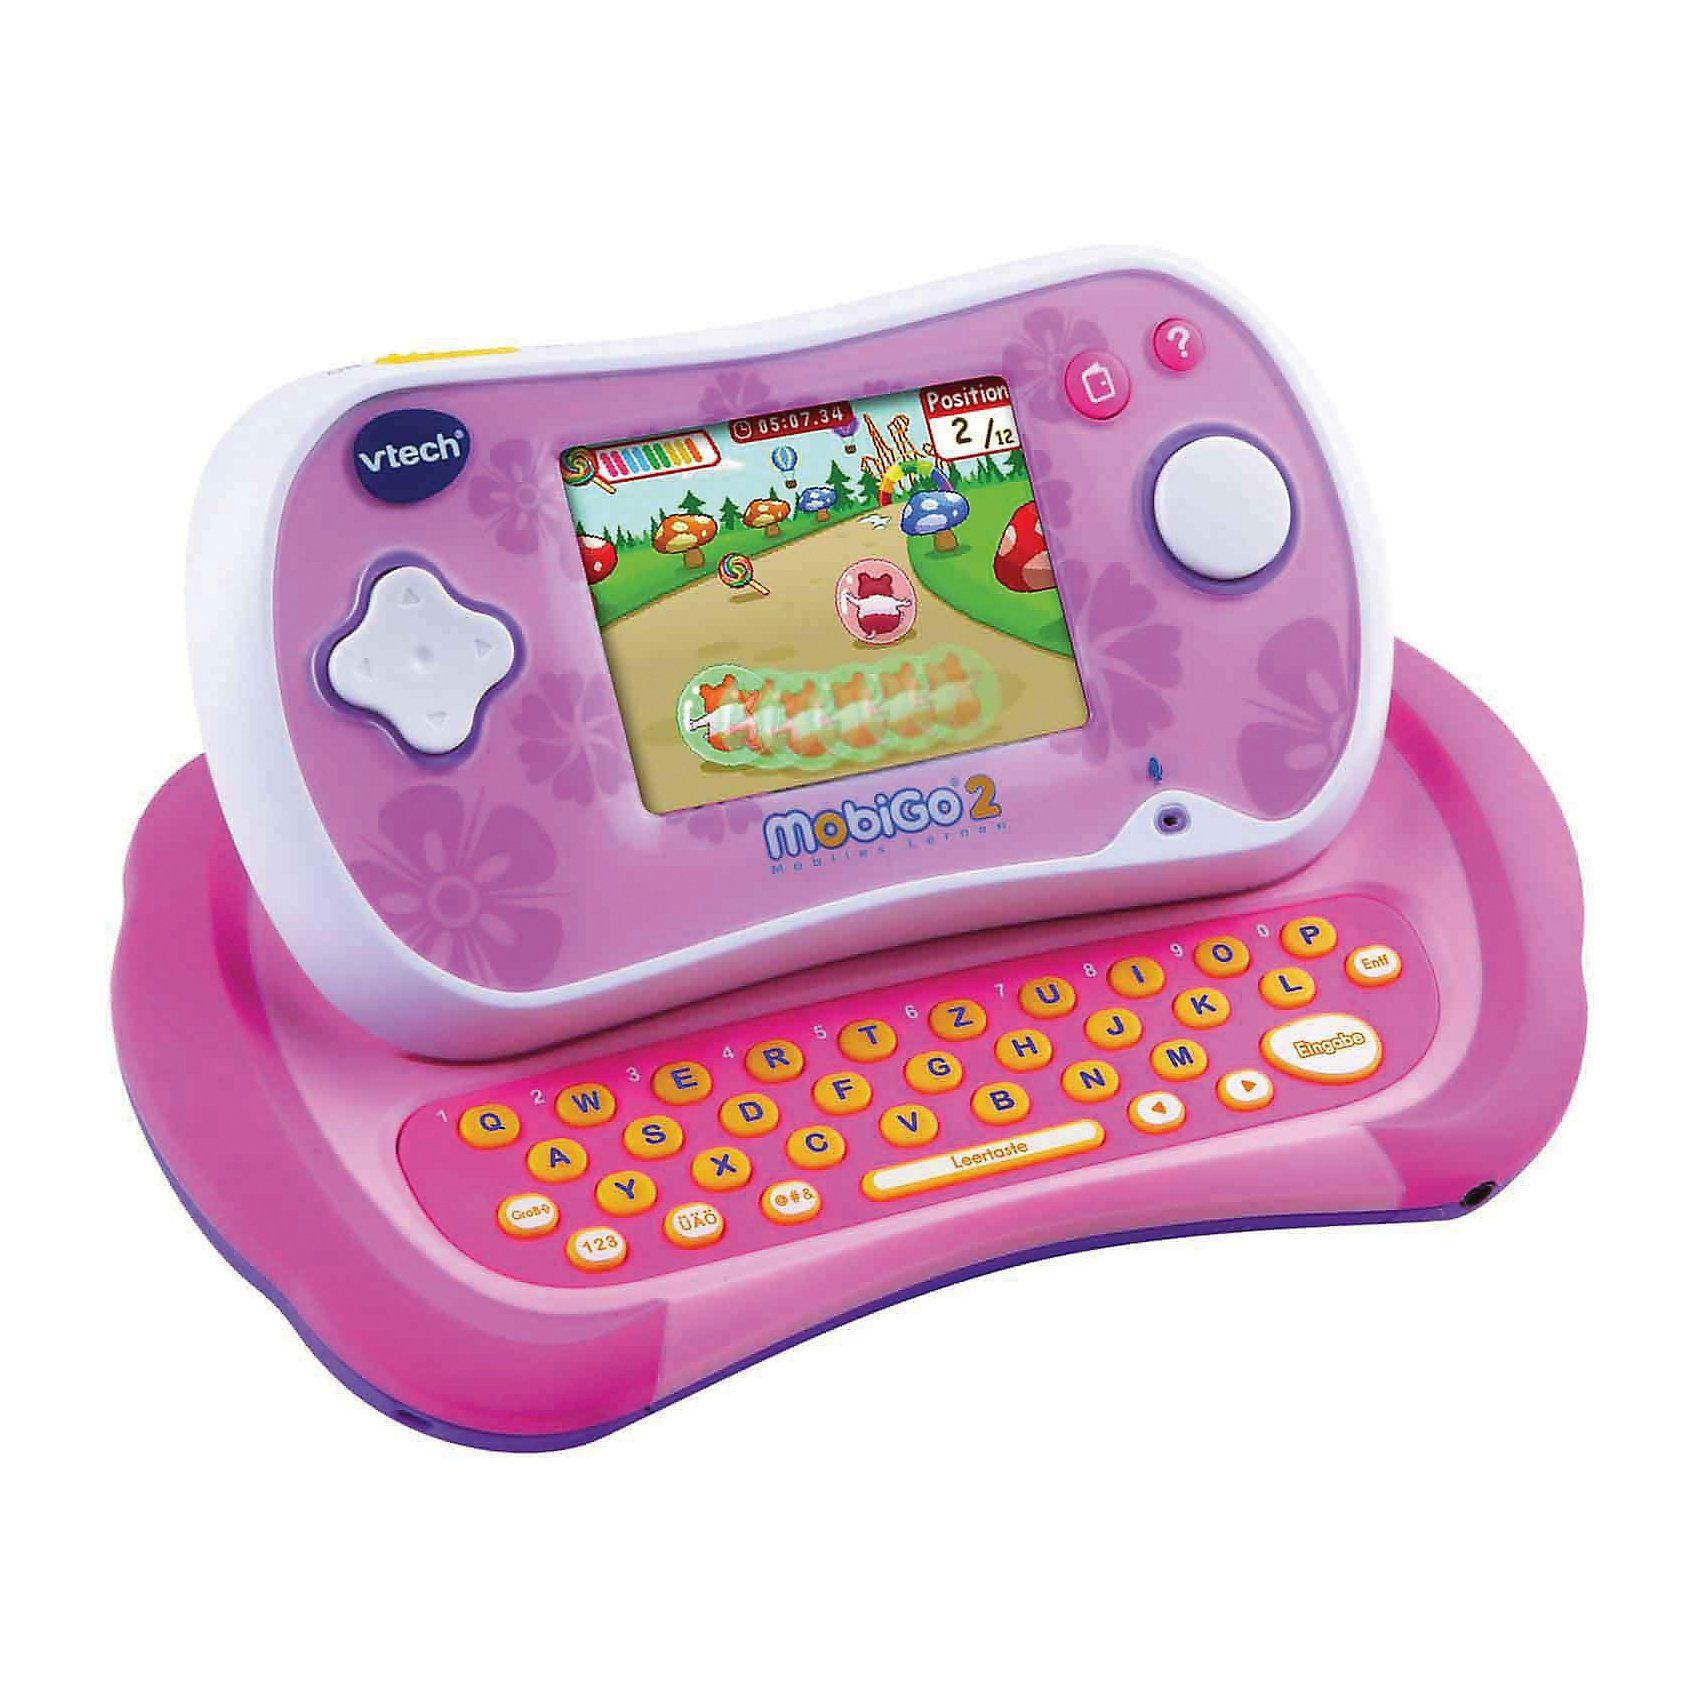 Vtech MobiGo 2 Lernkonsole inkl. Spiel, pink